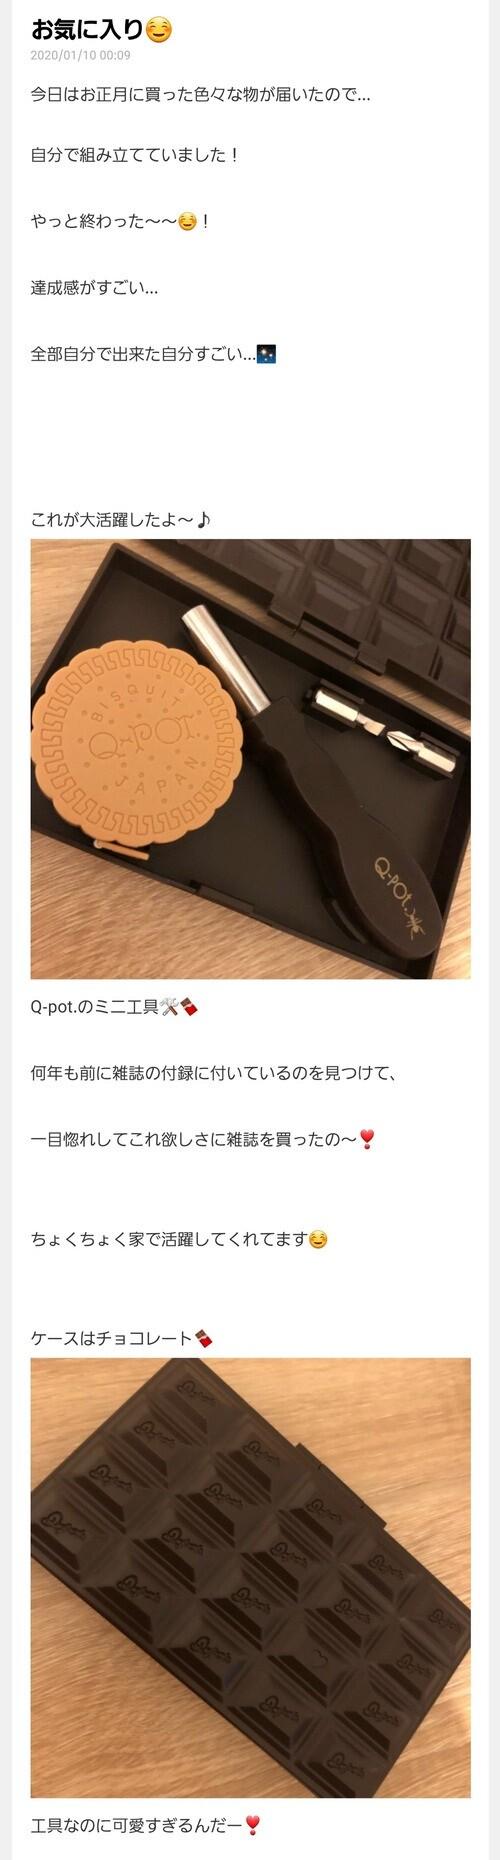 Q7e0rzy